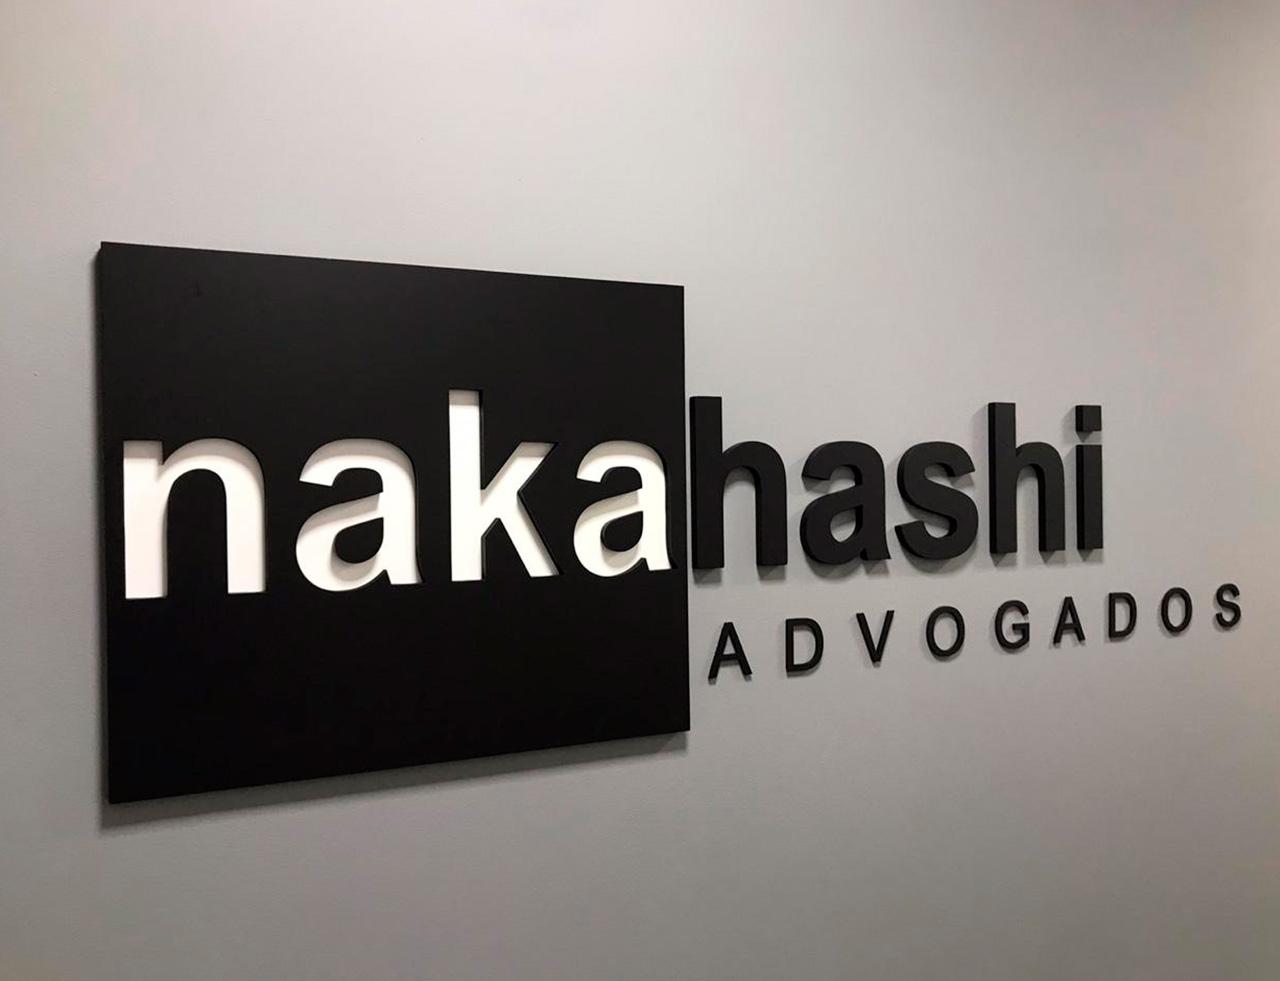 escritorio-nakahashi-advogados-6